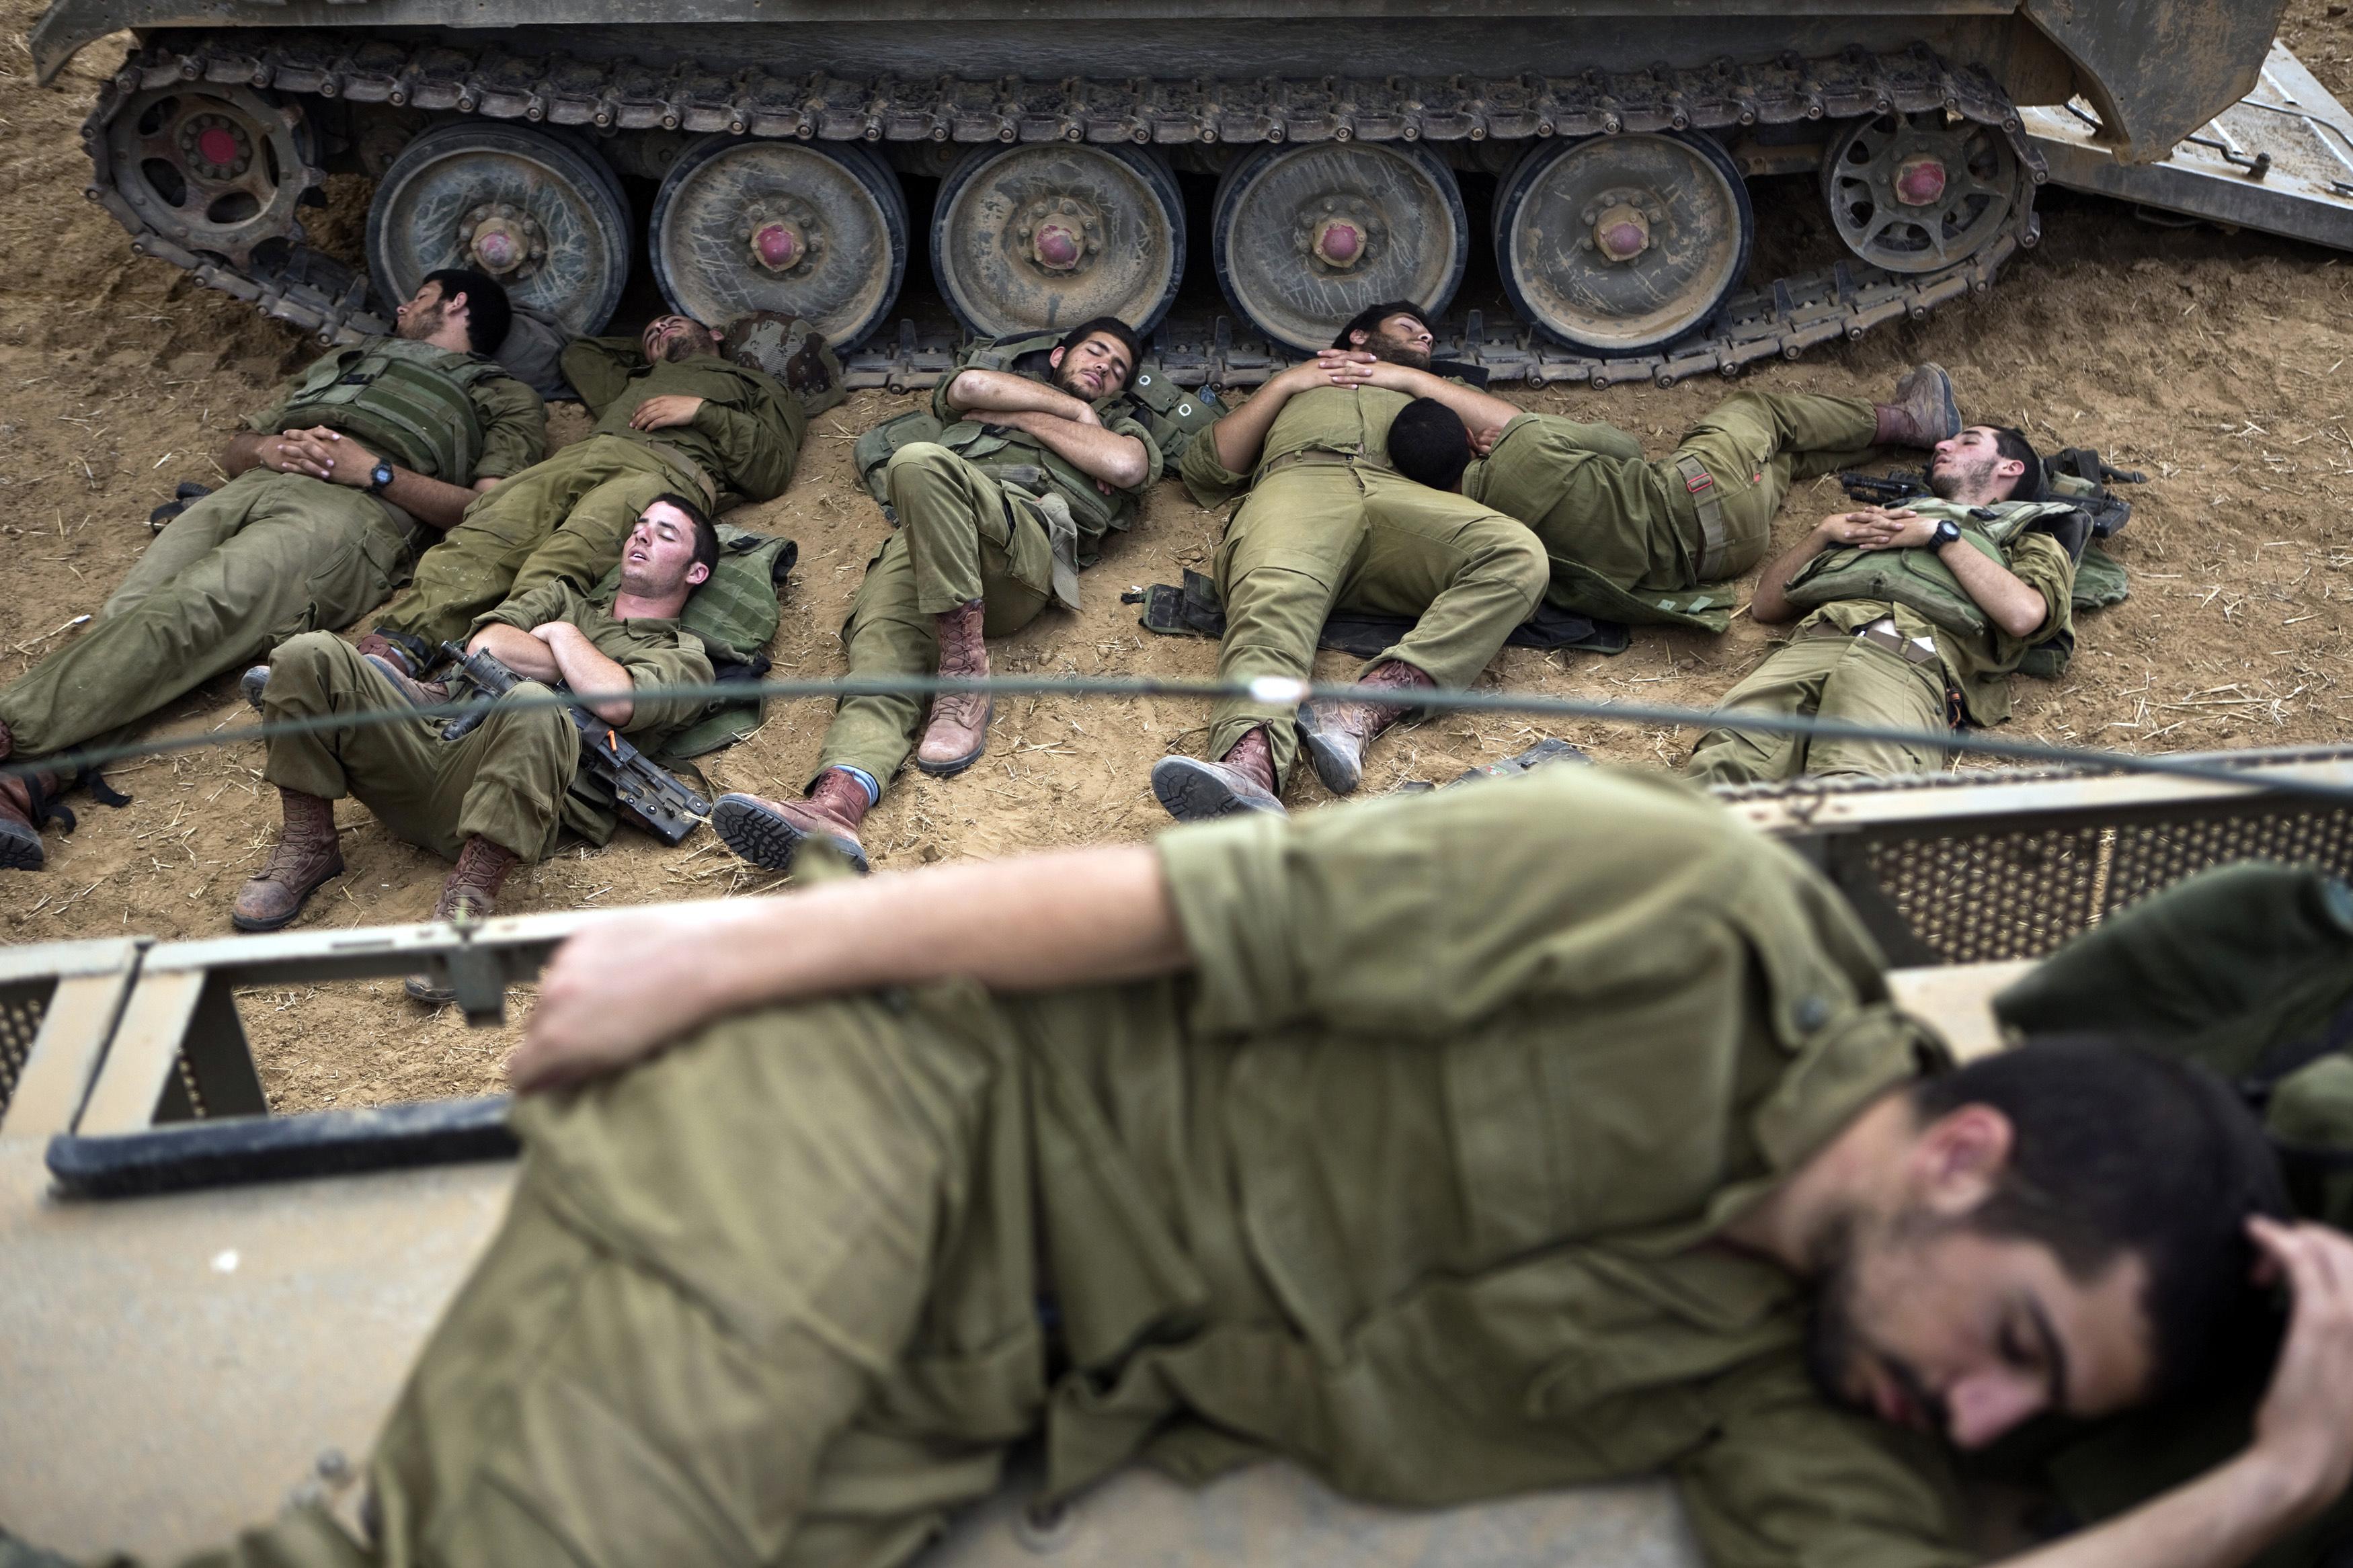 أزمة الفرار من الوحدات القتالية بالجيش الإسرائيلي